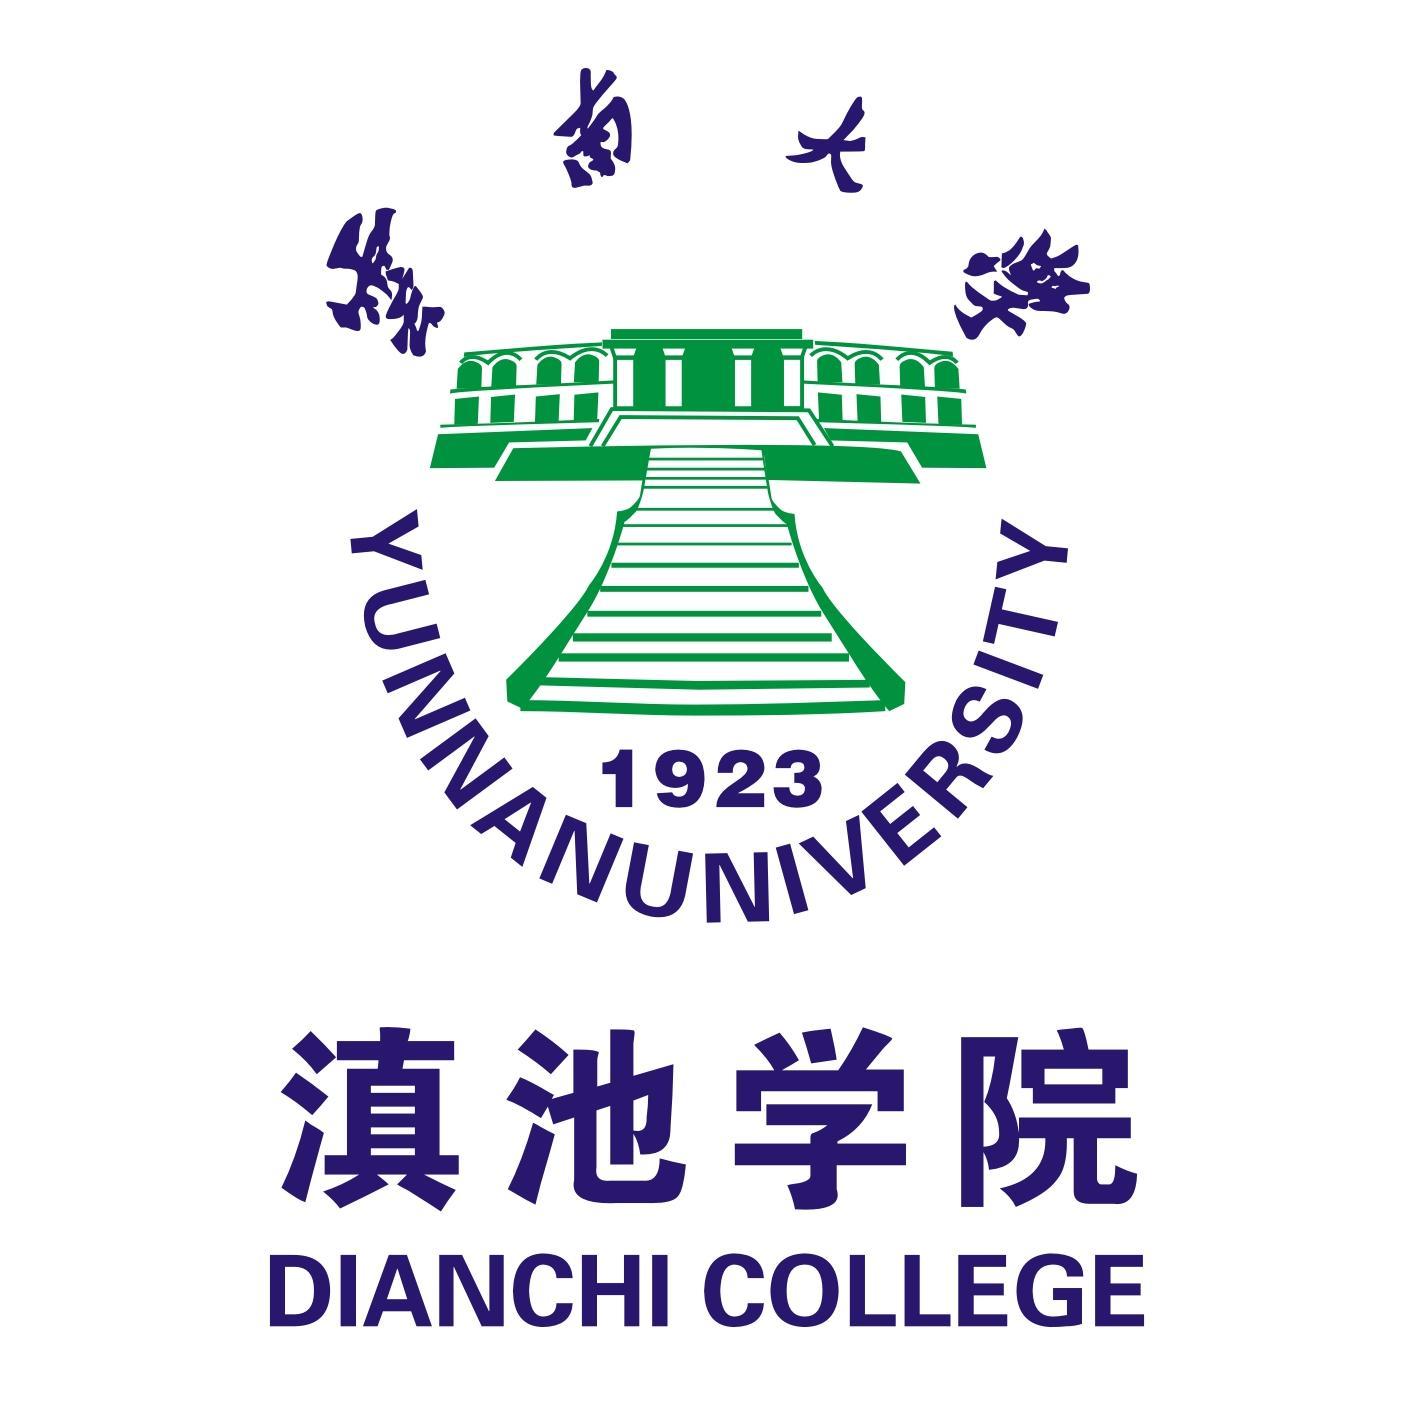 2018云南大学滇池学院排名(独立学院排名第21名)